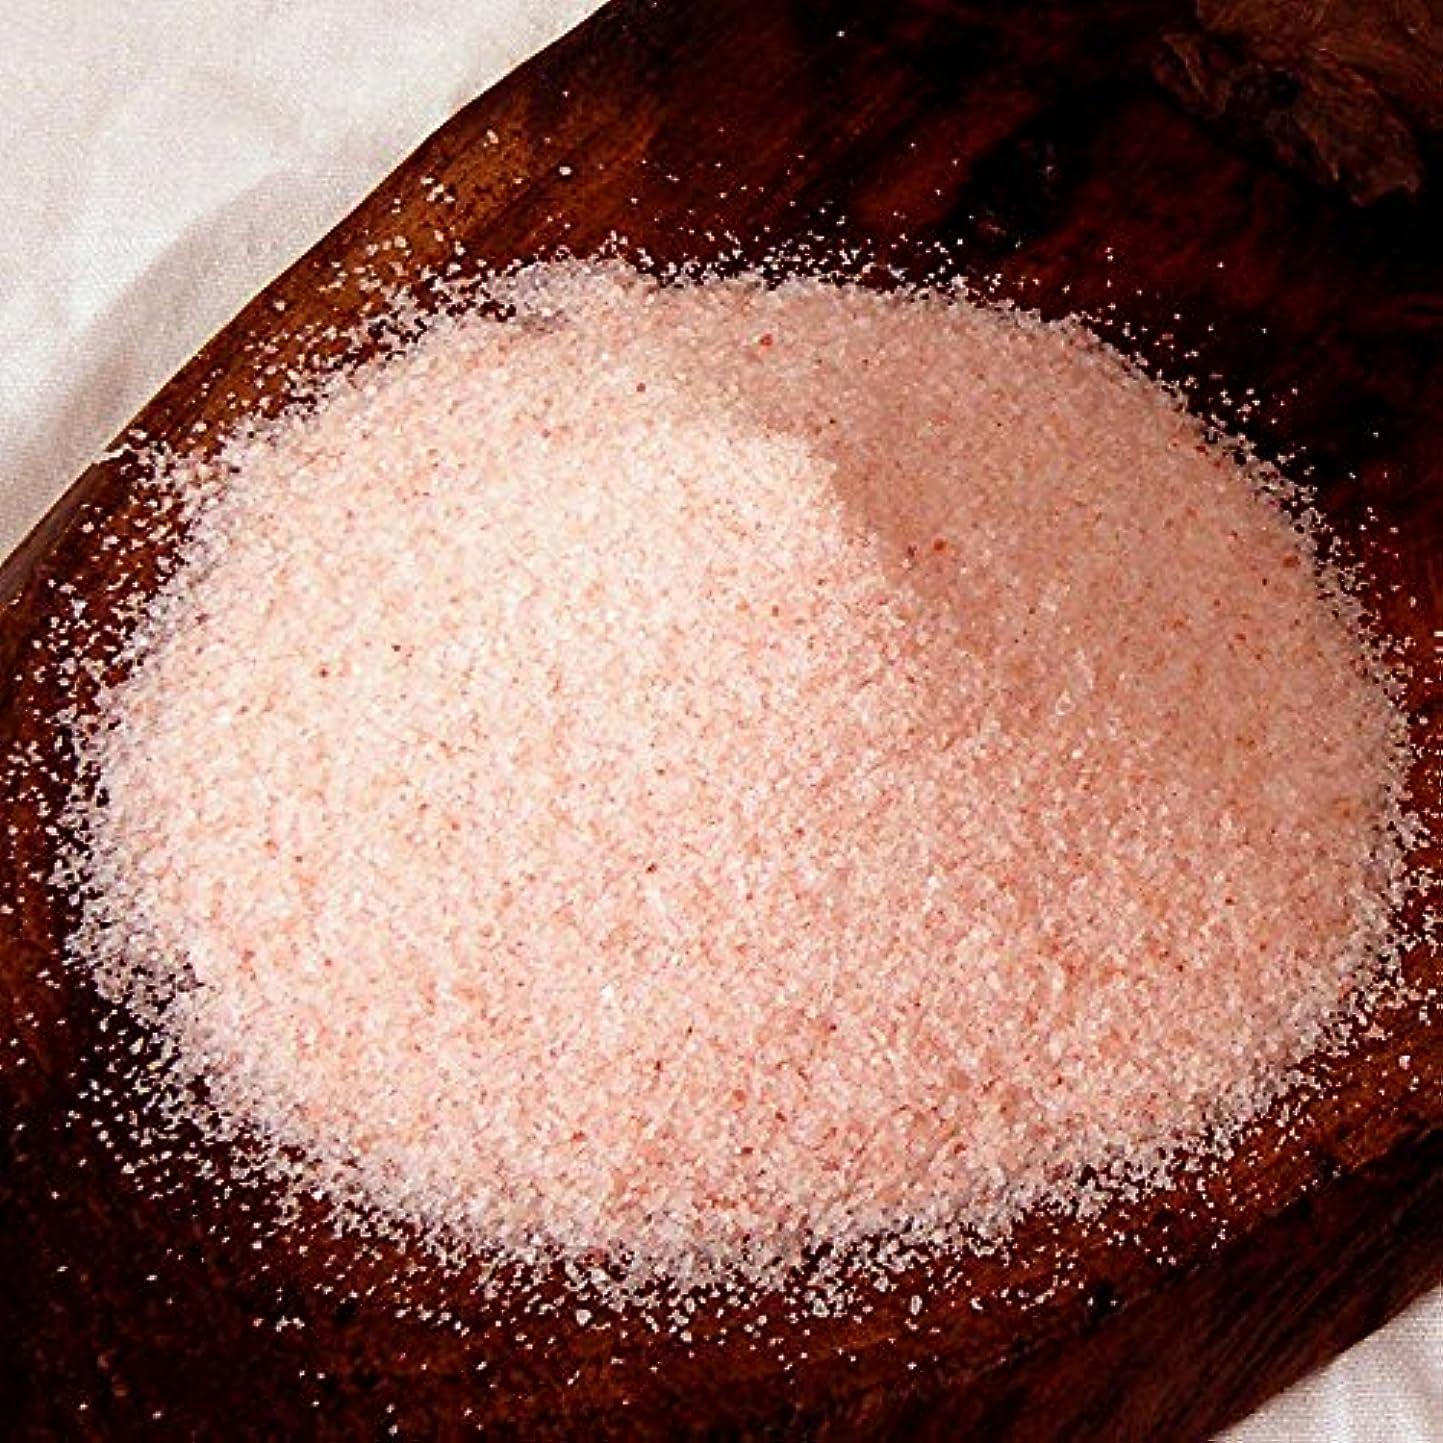 対人アルコーブスクラッチヒマラヤ岩塩 バスソルト ローズソルト 溶けやすい細粒タイプ 5kg 塩洗顔にも 【保管に便利な1kg×5パック】